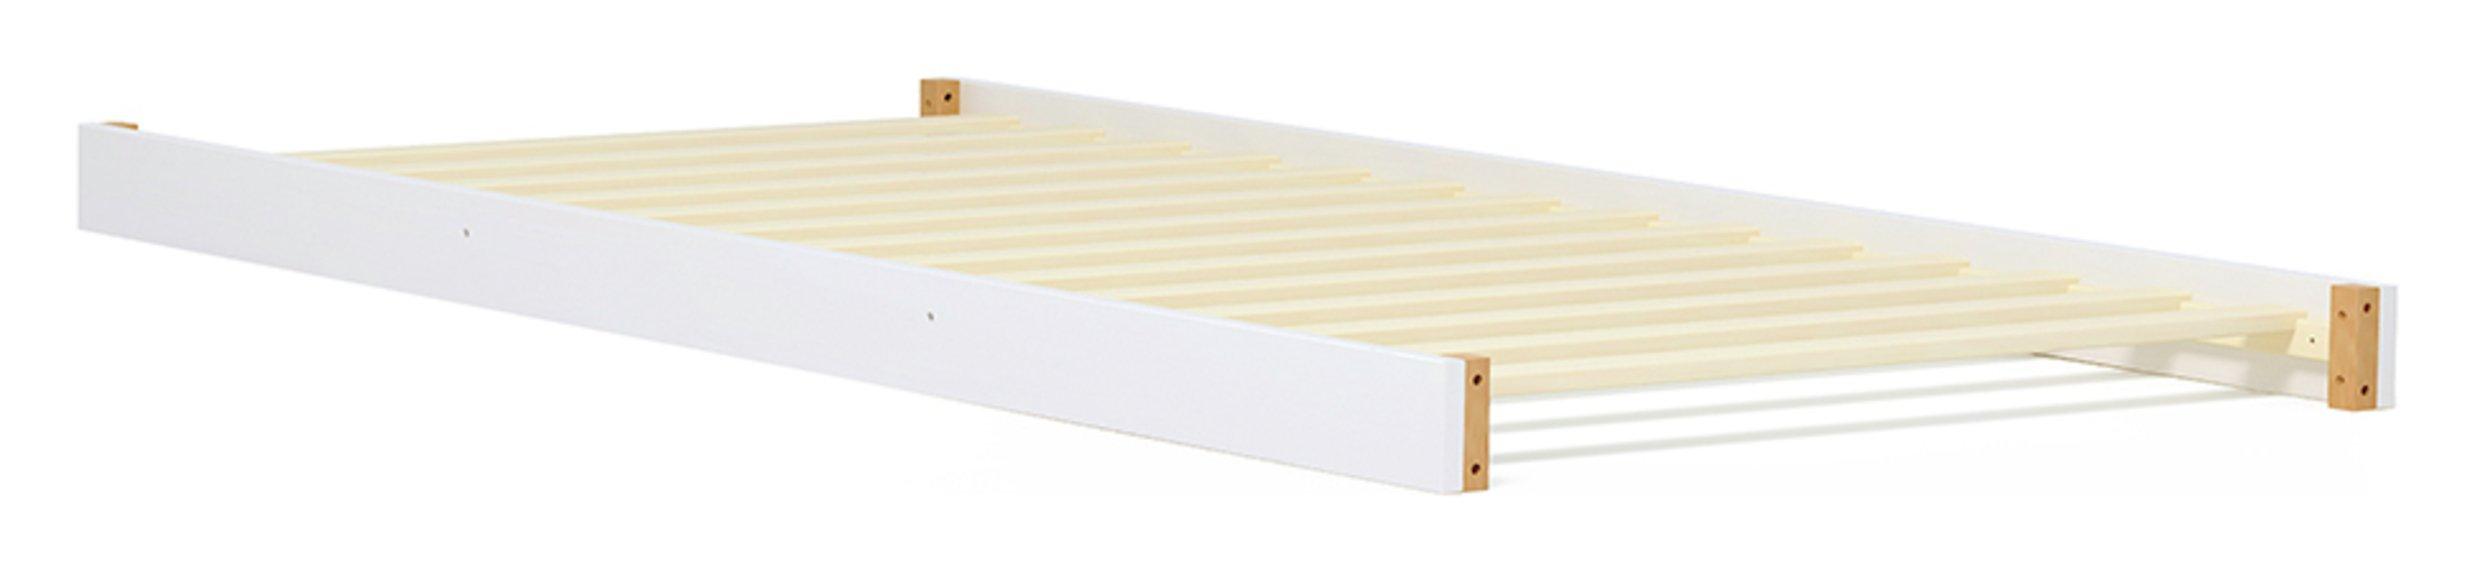 Eton Expandable Conversion Kit - White